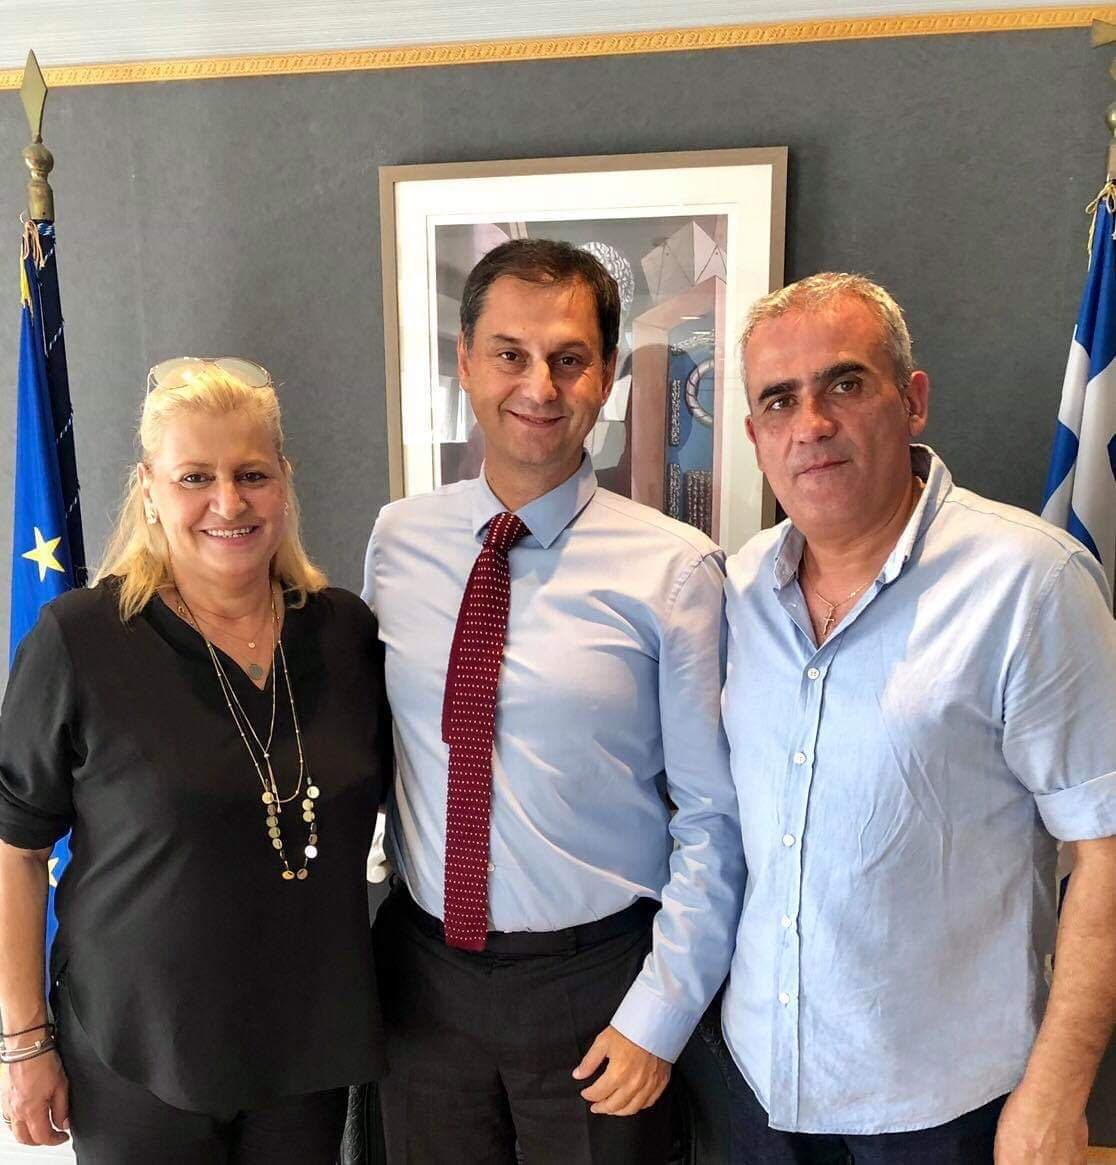 Σειρά επισκέψεων της δημάρχου Κασσάνδρας Αναστασίας Χαλκιάς σε Υπουργεία στην Αθήνα.